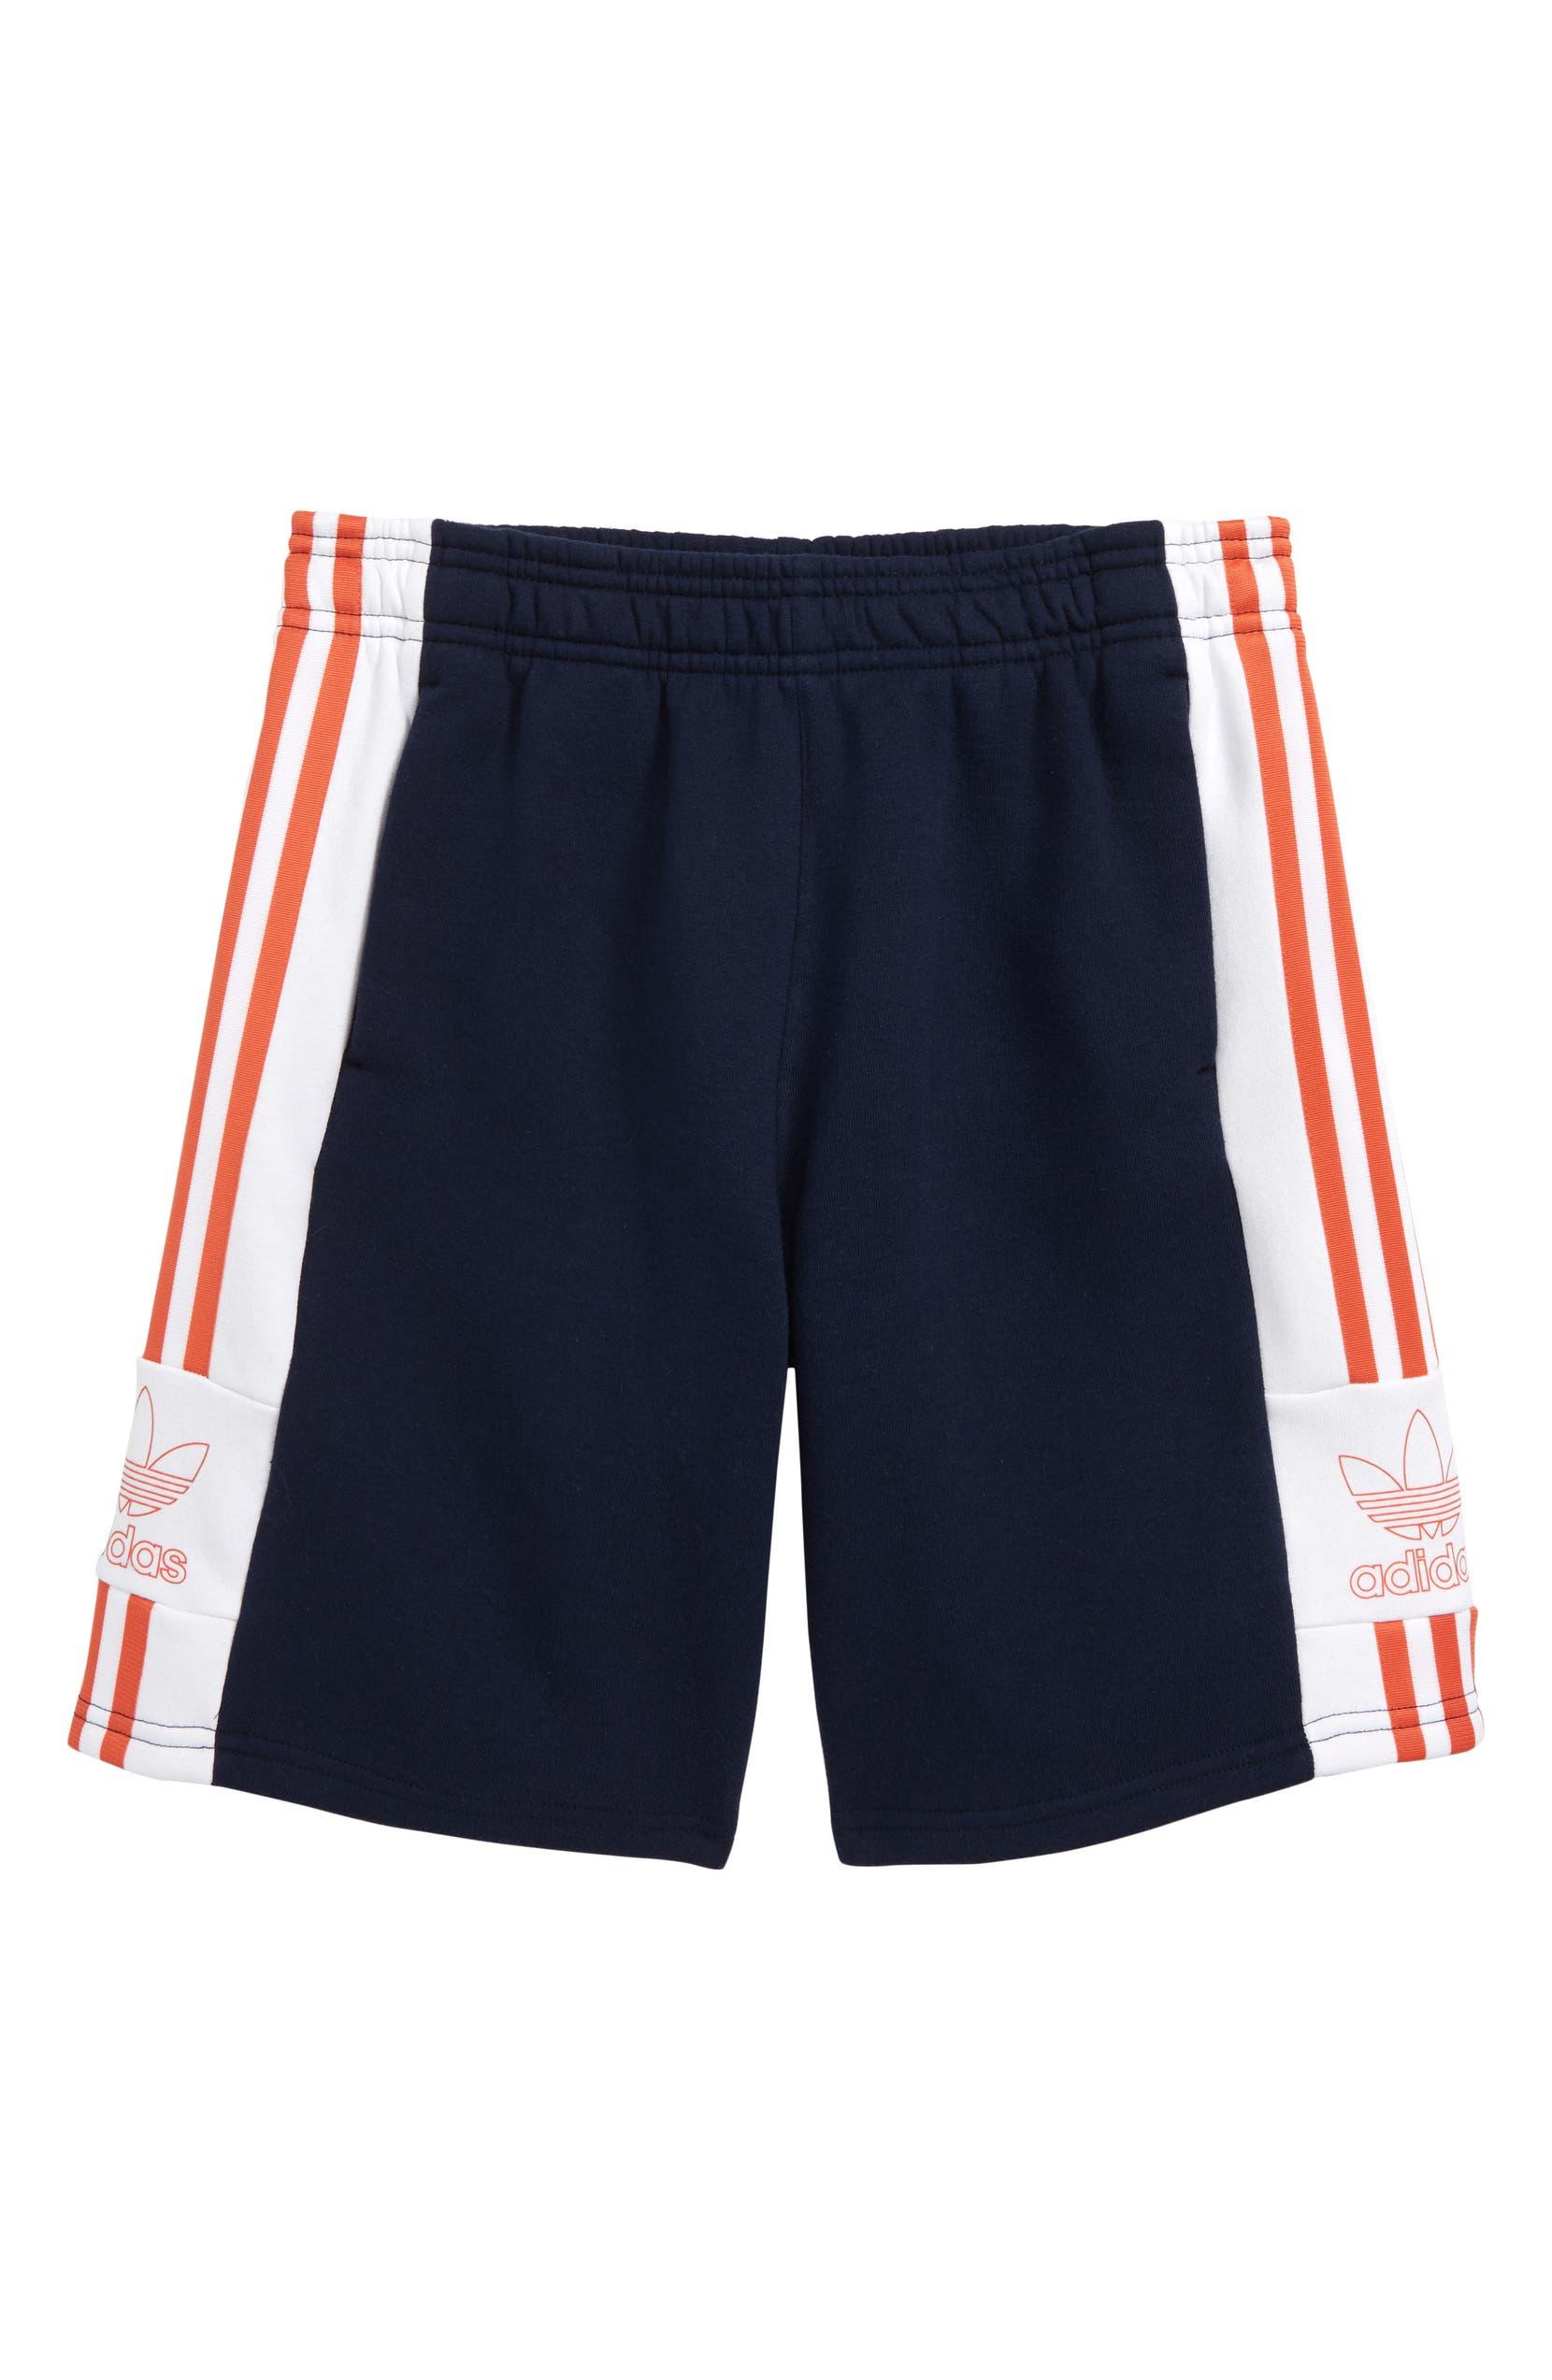 ae6a57806377a Outline Trefoil Fleece Shorts